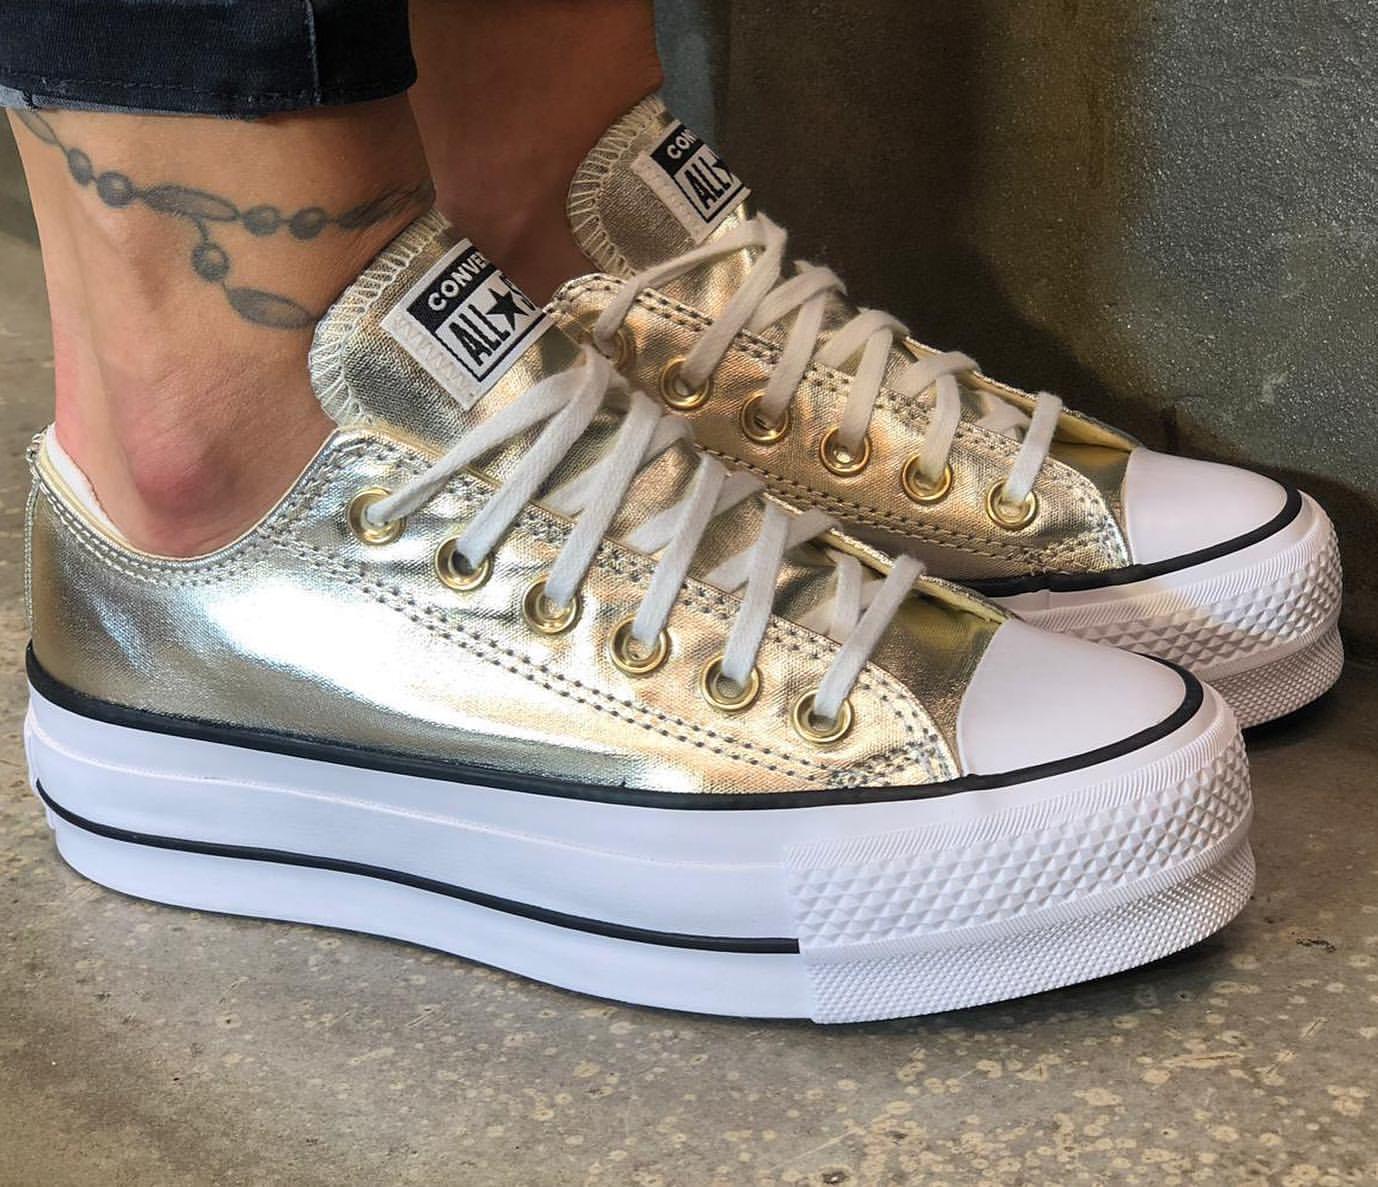 נעלי אולסטאר פלטפורמה זהב נשים Converse Metal Platform Gold - תמונה 5